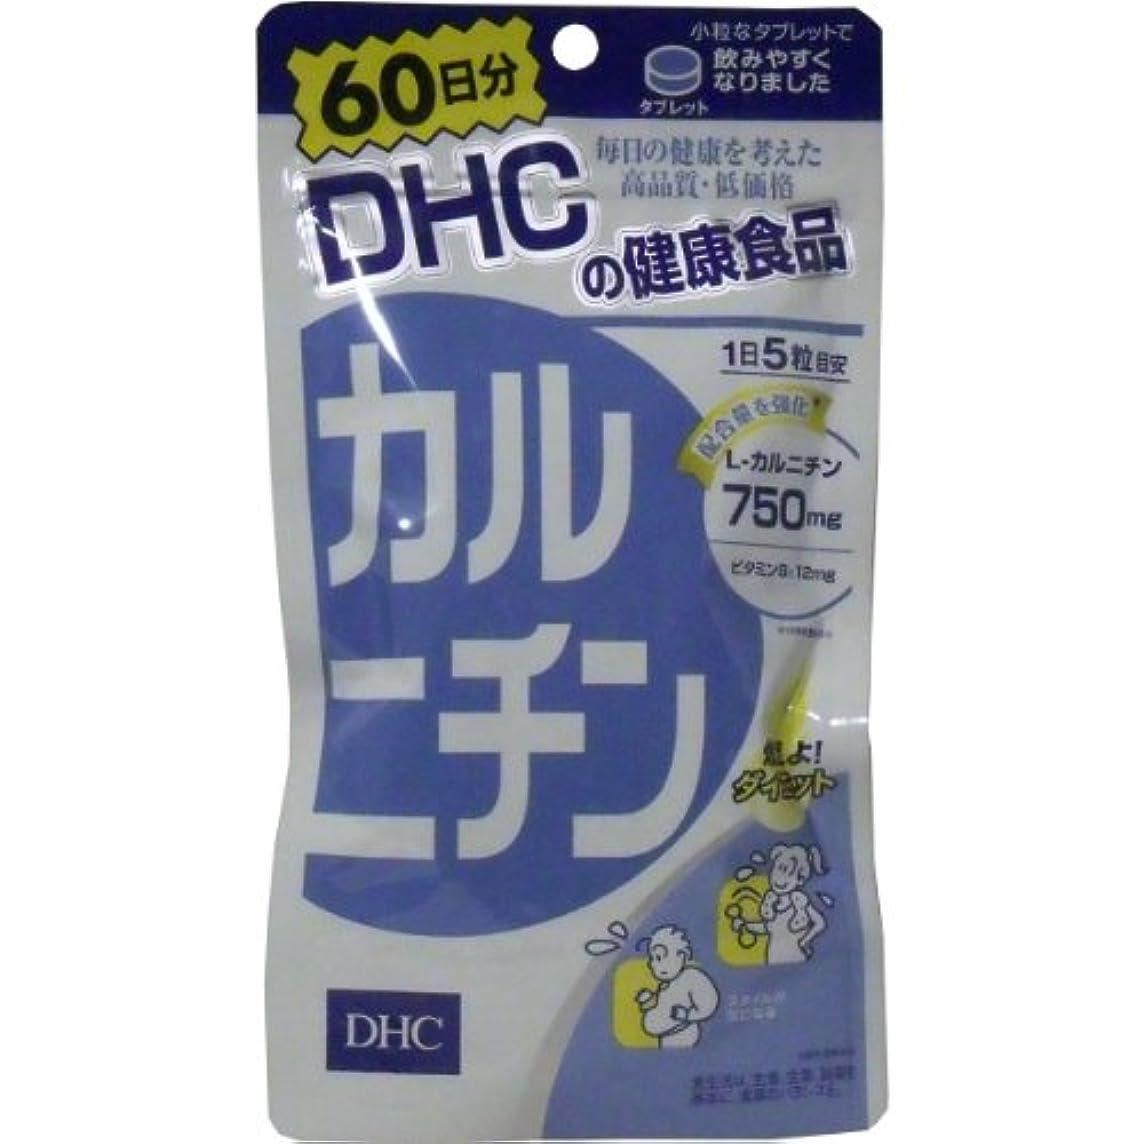 降雨該当するまっすぐDHC カルニチン 300粒 60日分 (商品内訳:単品1個)